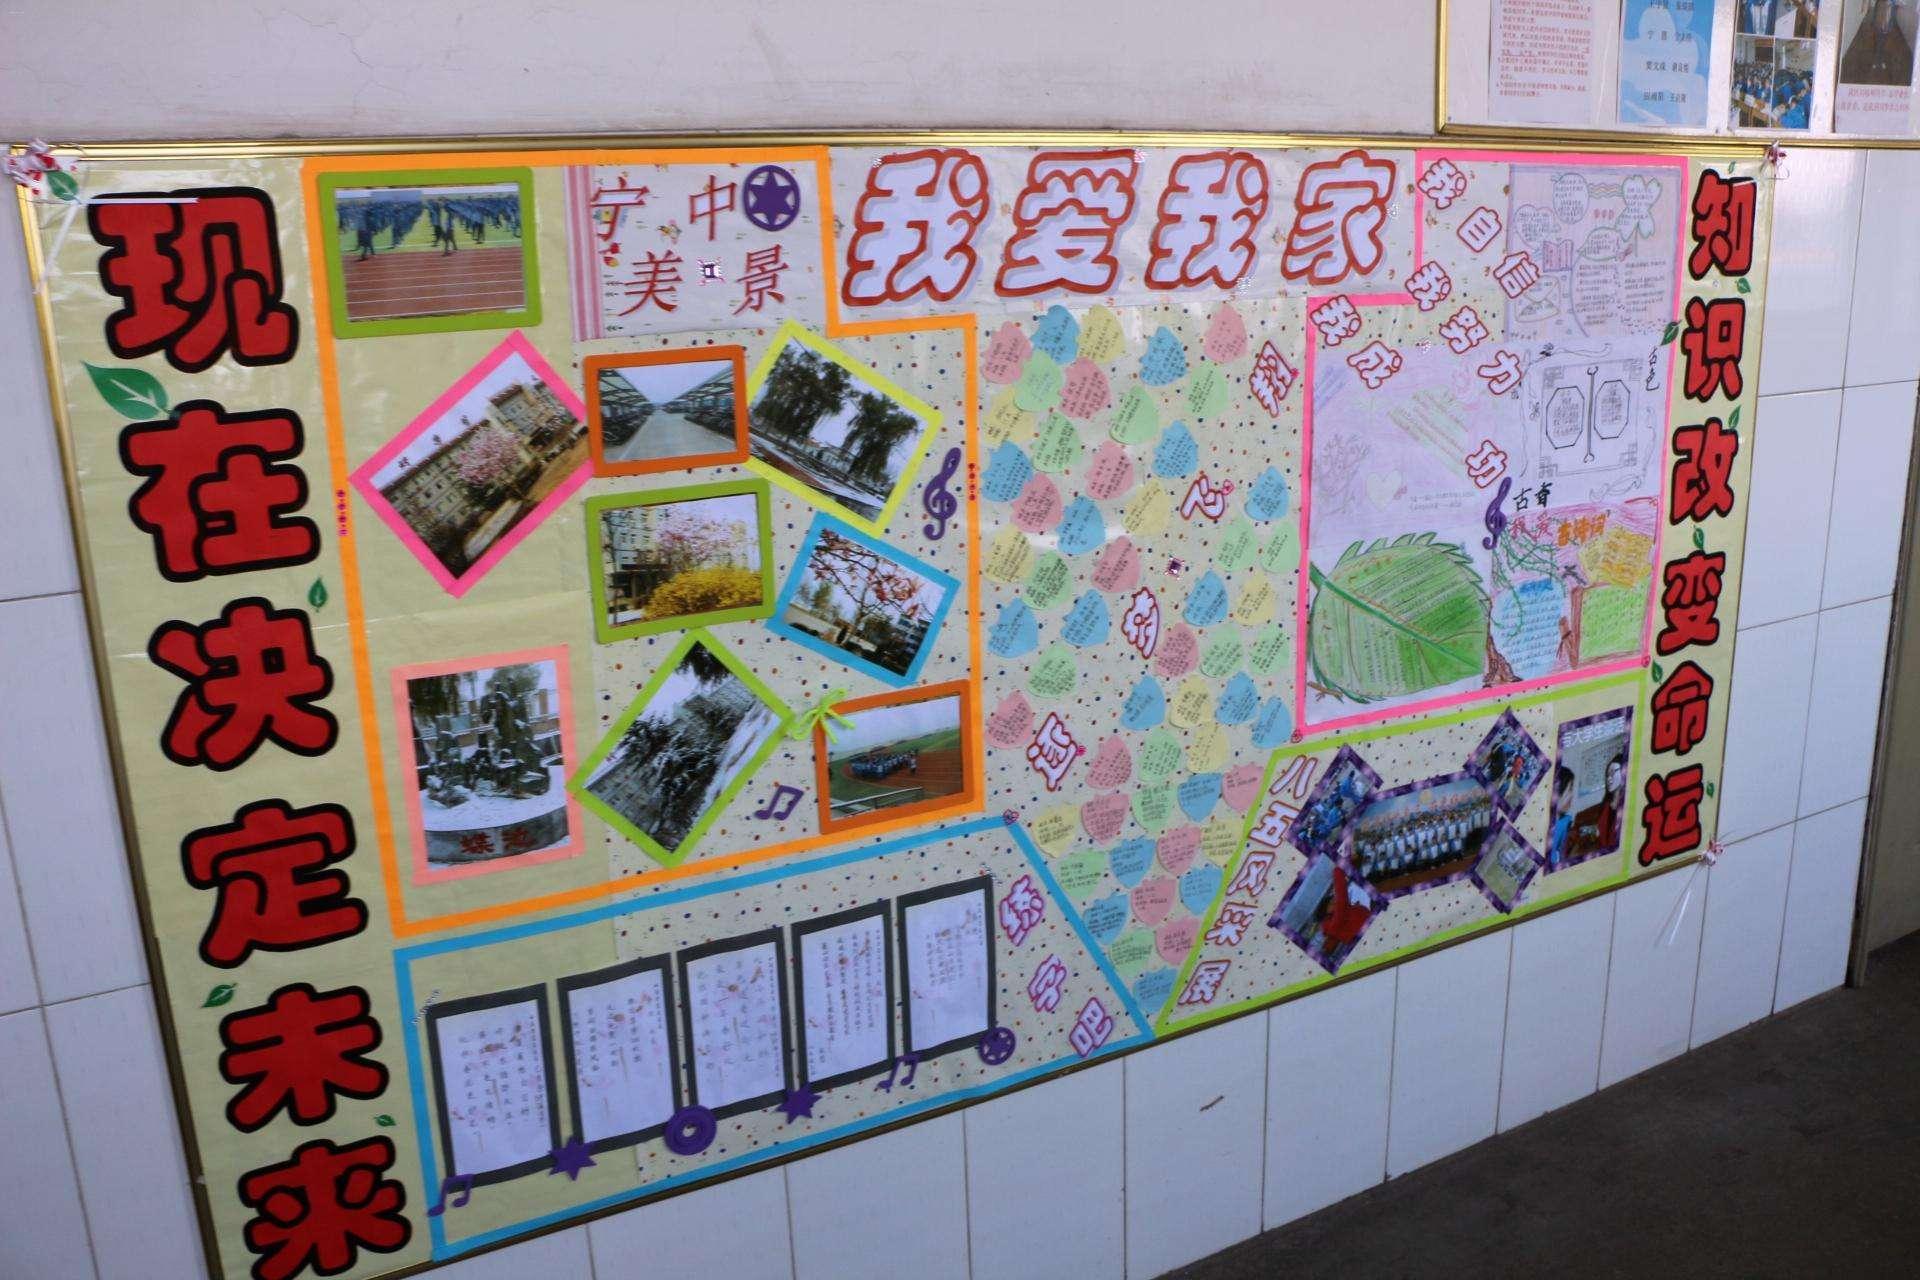 高中班级文化墙创意图片 班级文化墙怎么设计